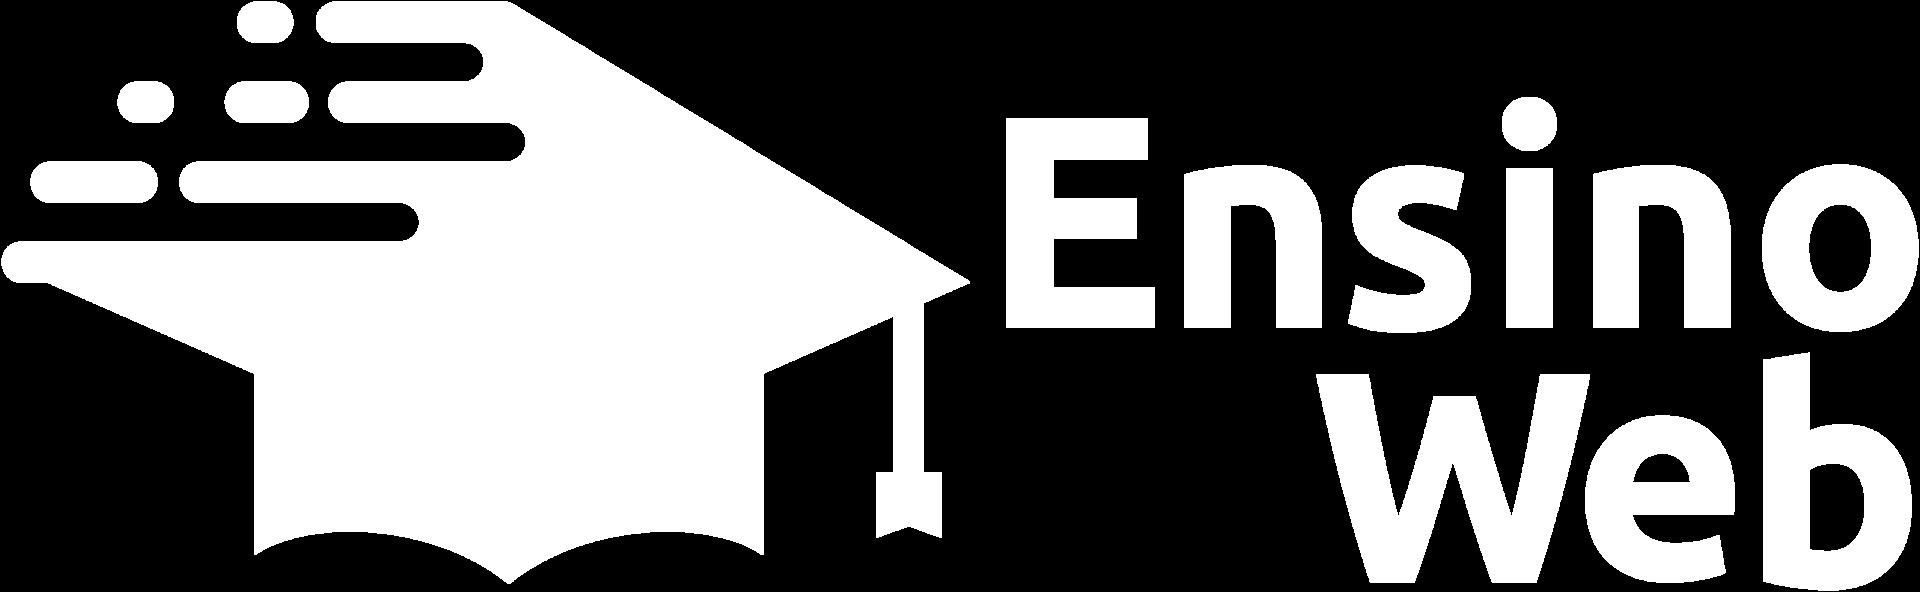 Logo Ensinoweb White